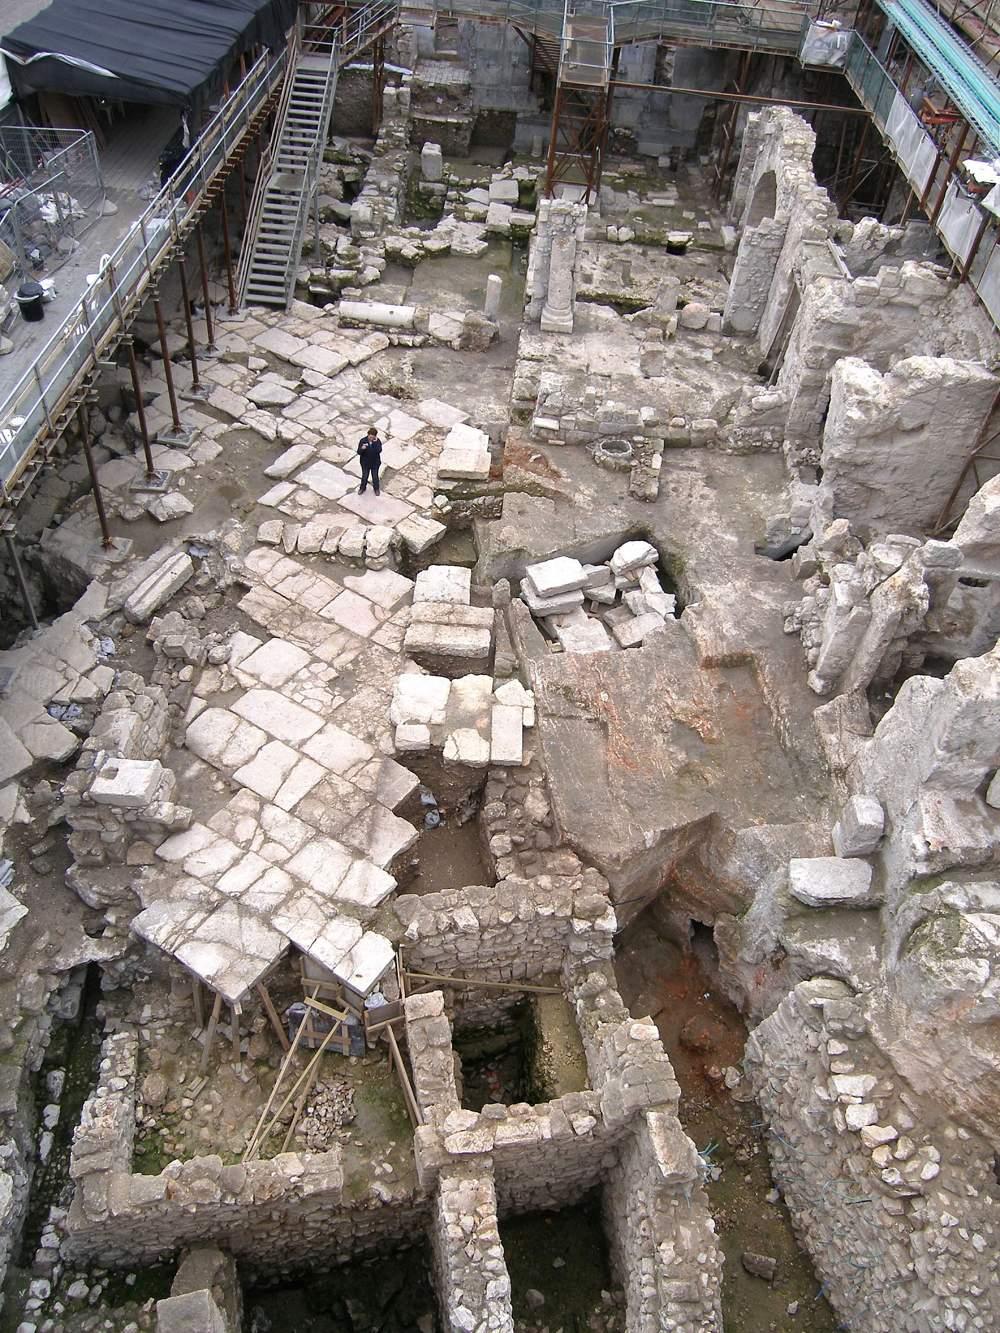 """Las excavaciones de la IAA en la plaza del Muro Occidental de Jerusalem, donde fue descubierto el sello del período del Primer Templo, con la inscripción """"Al gobernador de la ciudad"""", en diciembre de 2017. (Shlomit Weksler-Bdolah)"""